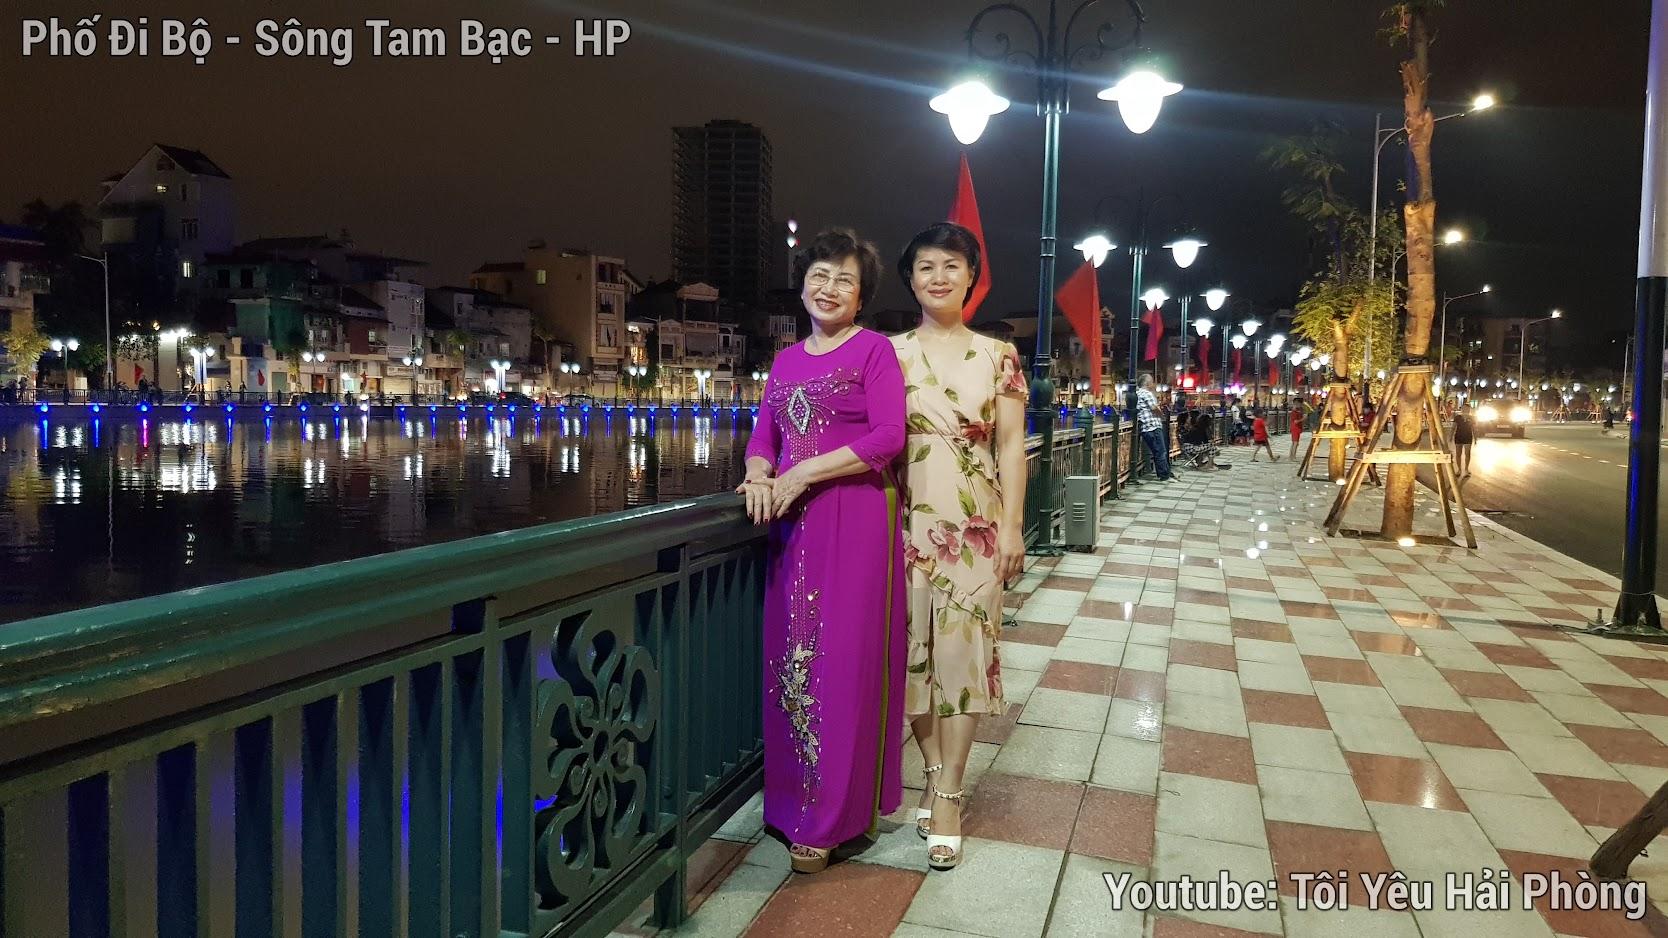 Buổi tối ở Phố Đi Bộ bên sông Tam Bạc ở Hải Phòng 1